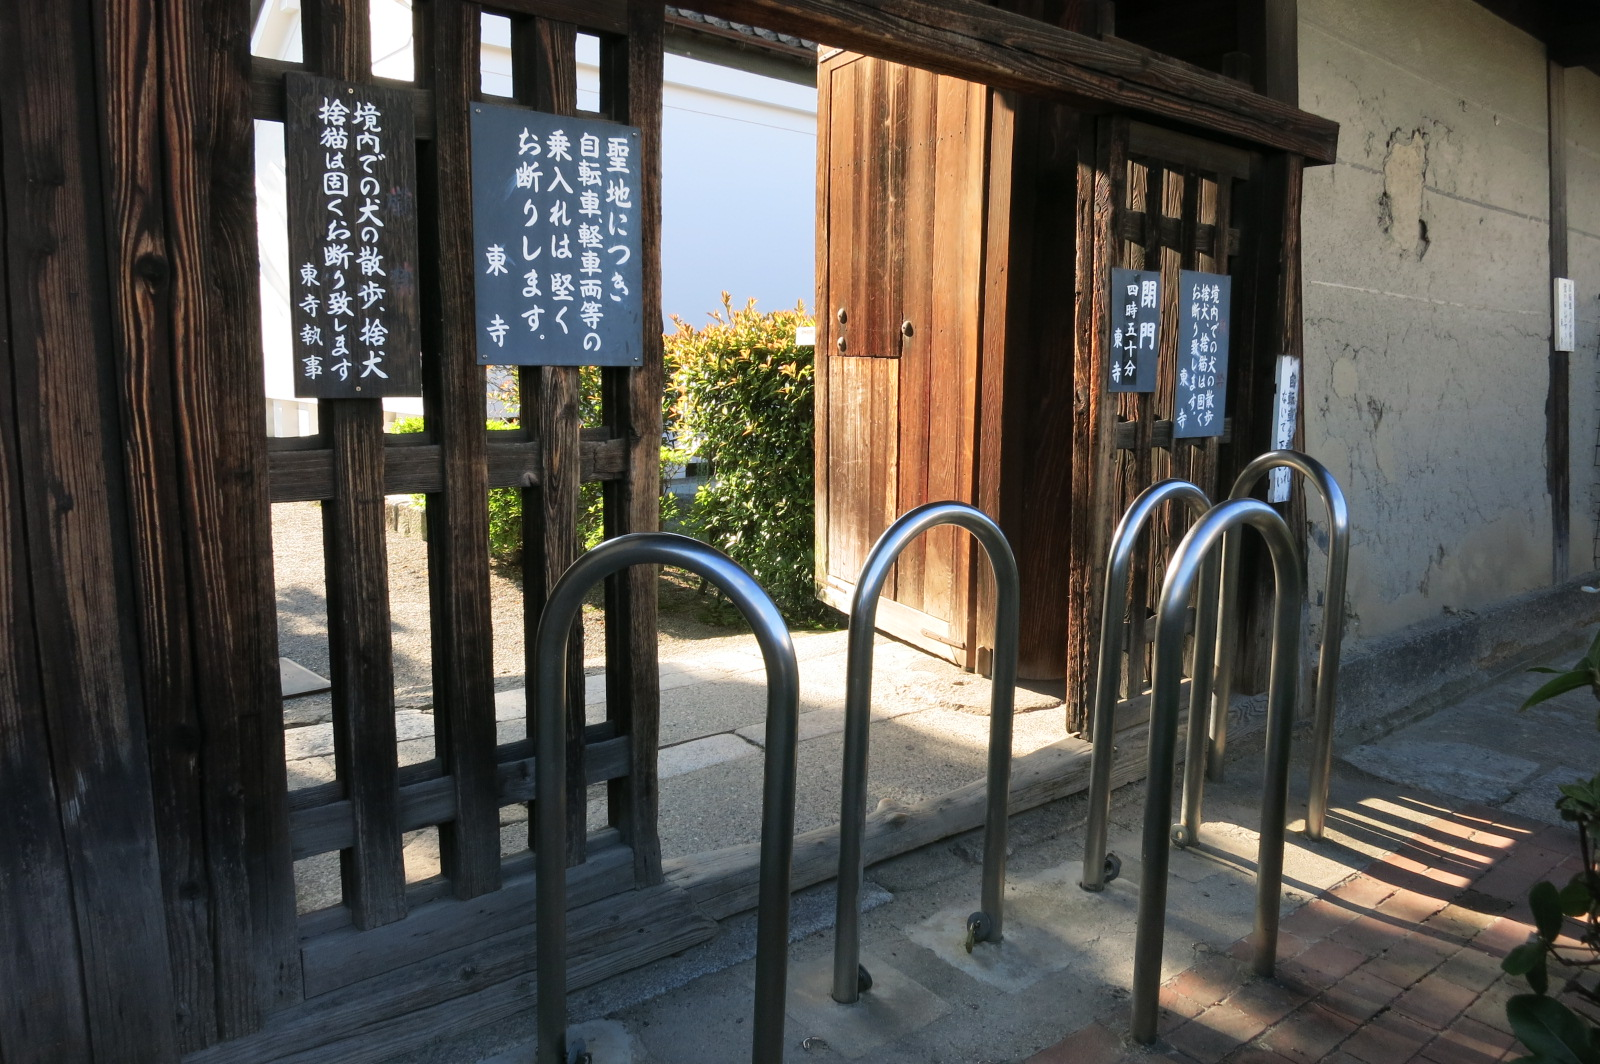 東寺の西門。自転車等の乗り入れが多かったのでしょうね。鉄柵が設置されていました。